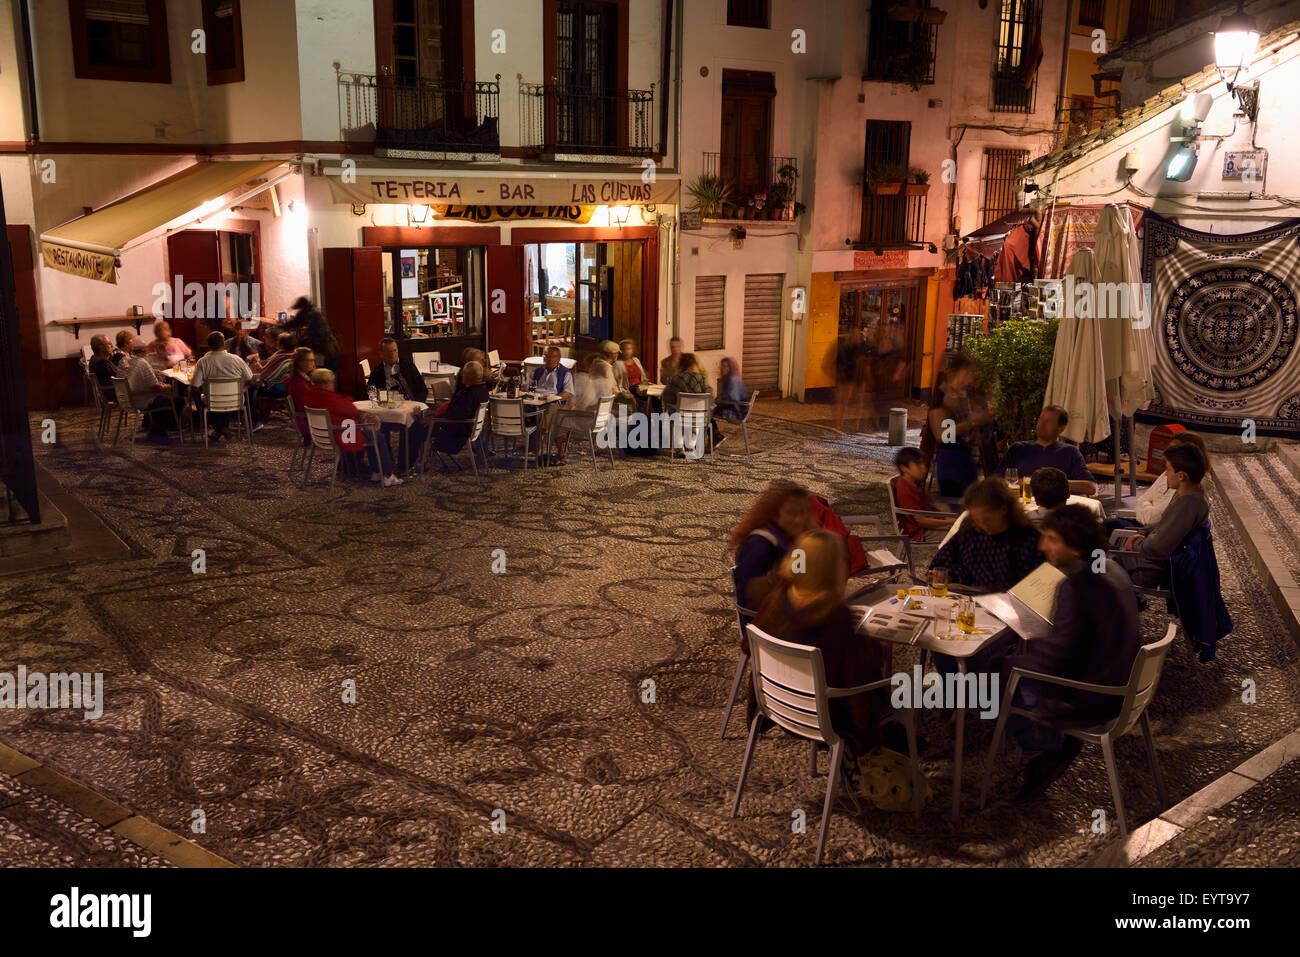 Outdoor patios at night in Plaza San Gregorio on Caldereria Nueva street Granada Stock Photo